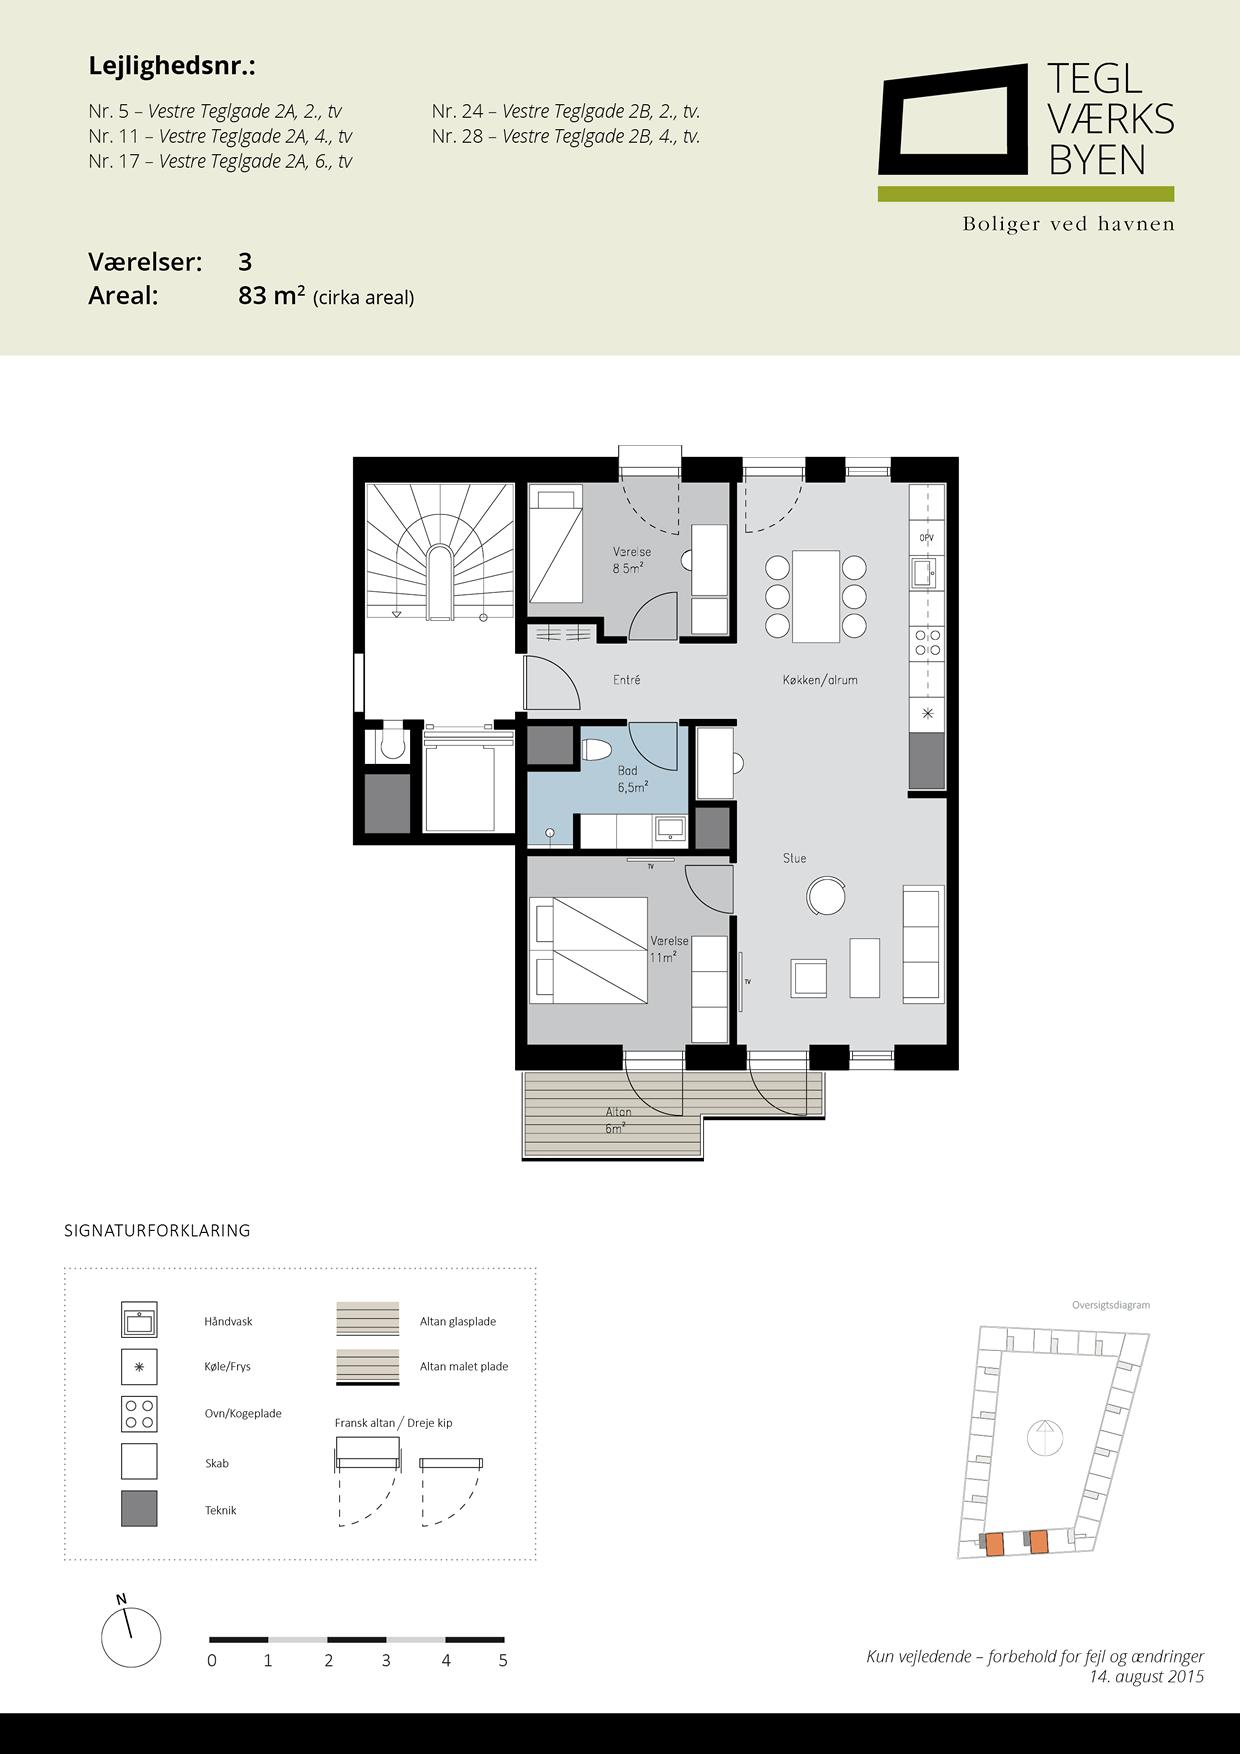 Teglvaerksbyen_5-11-17-24-28_plan